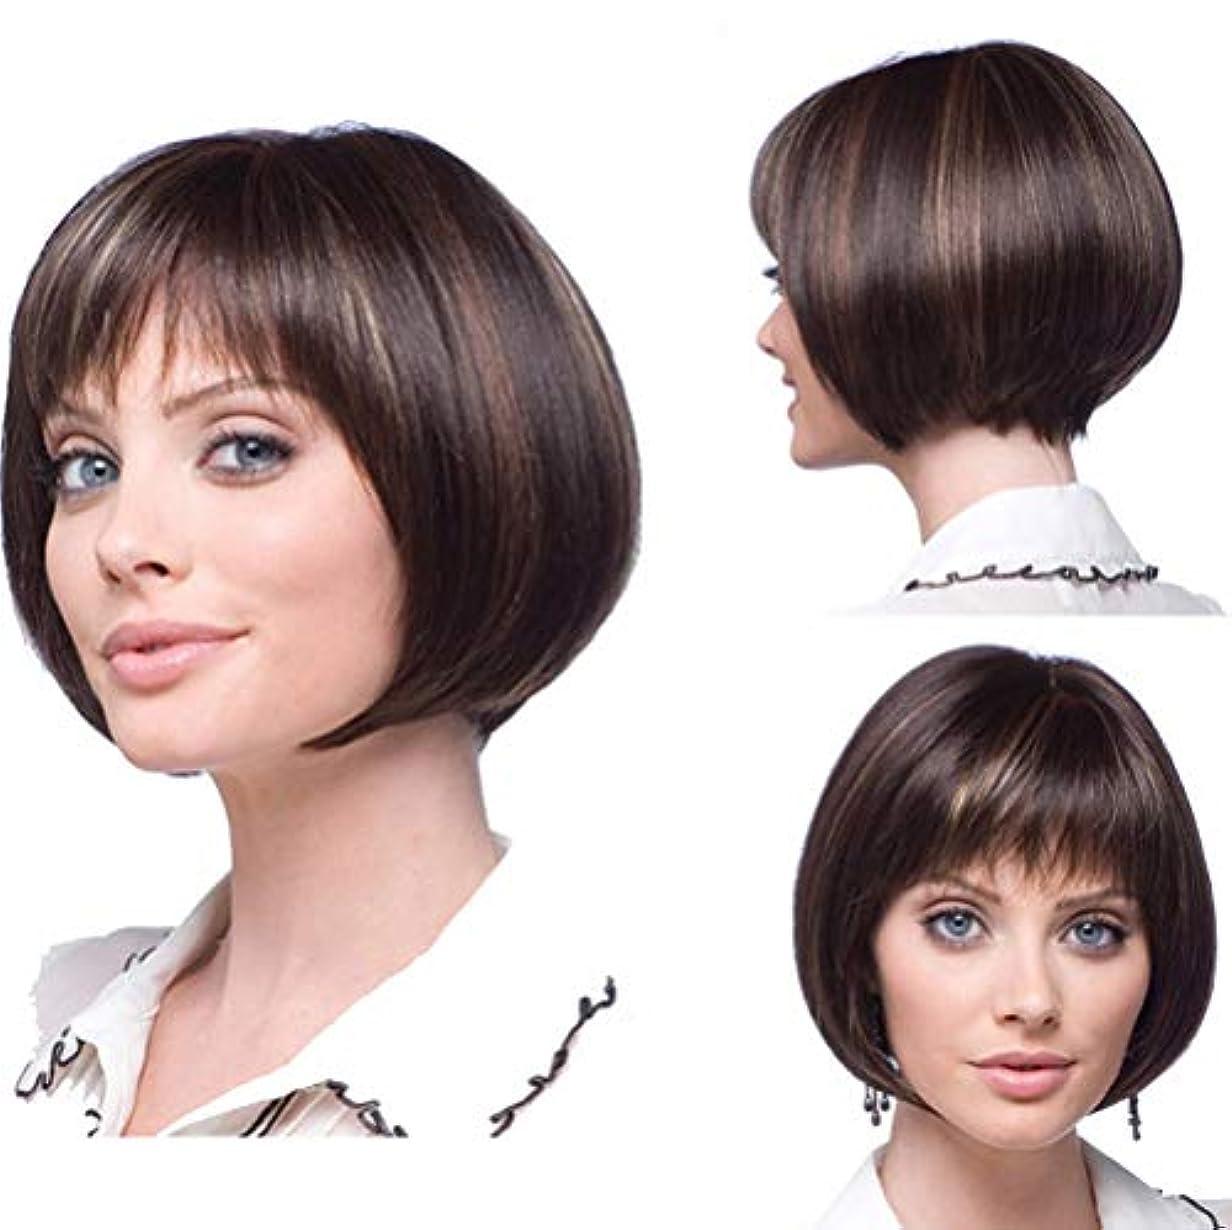 繊細ドロー敵意女性ブラジルショートヘアウィッグピクシーフリンジカットカットストレートヘア30cm用